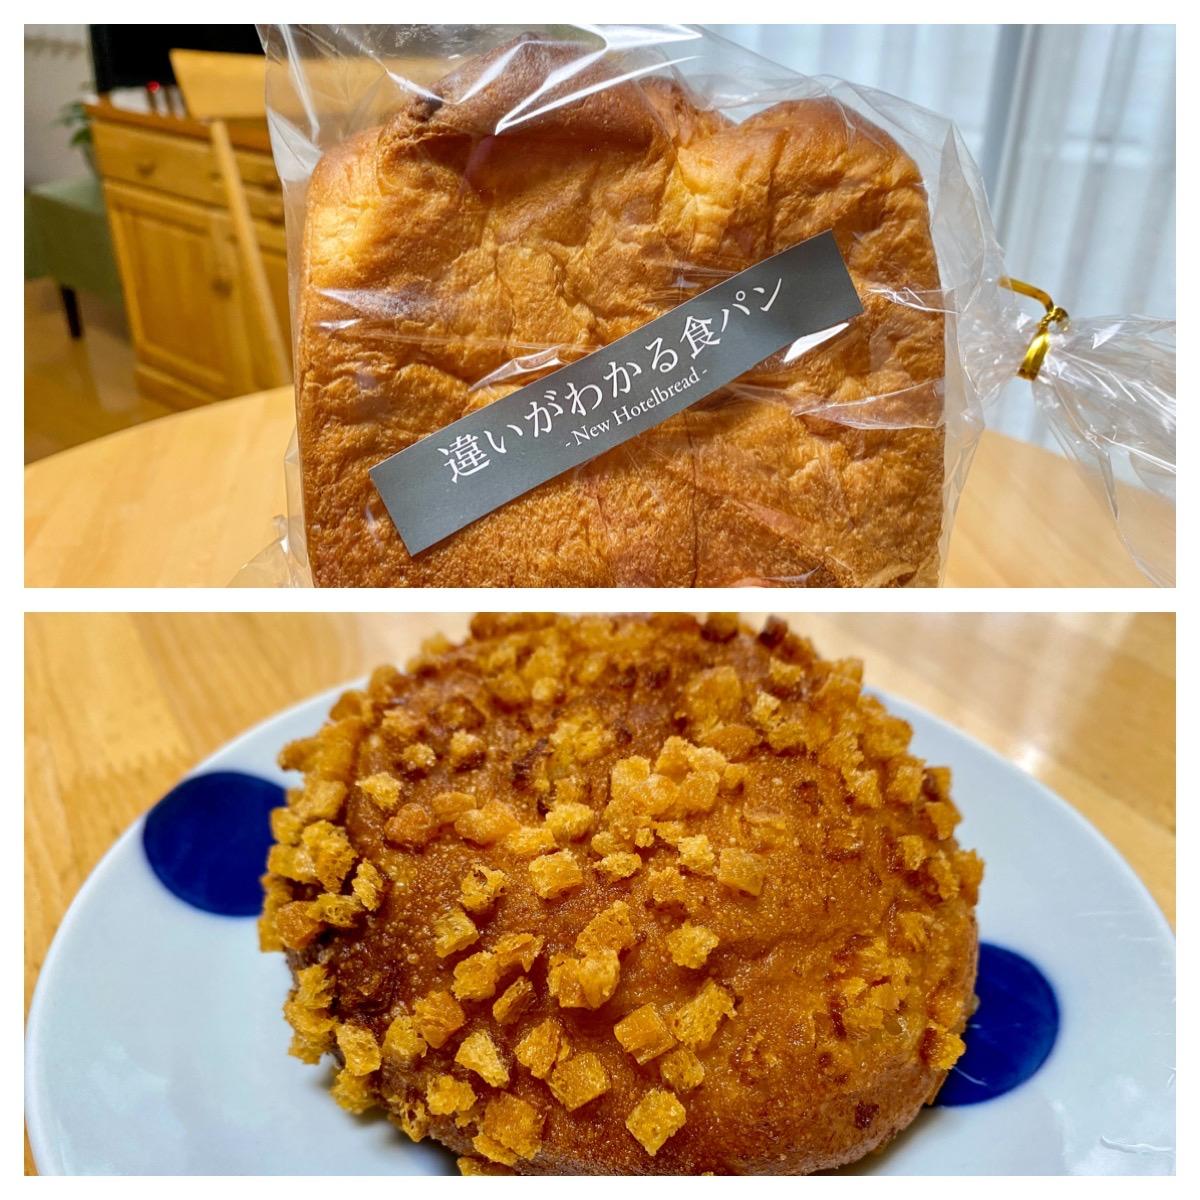 ソレダメで特集されたオリンピックのパン2種類